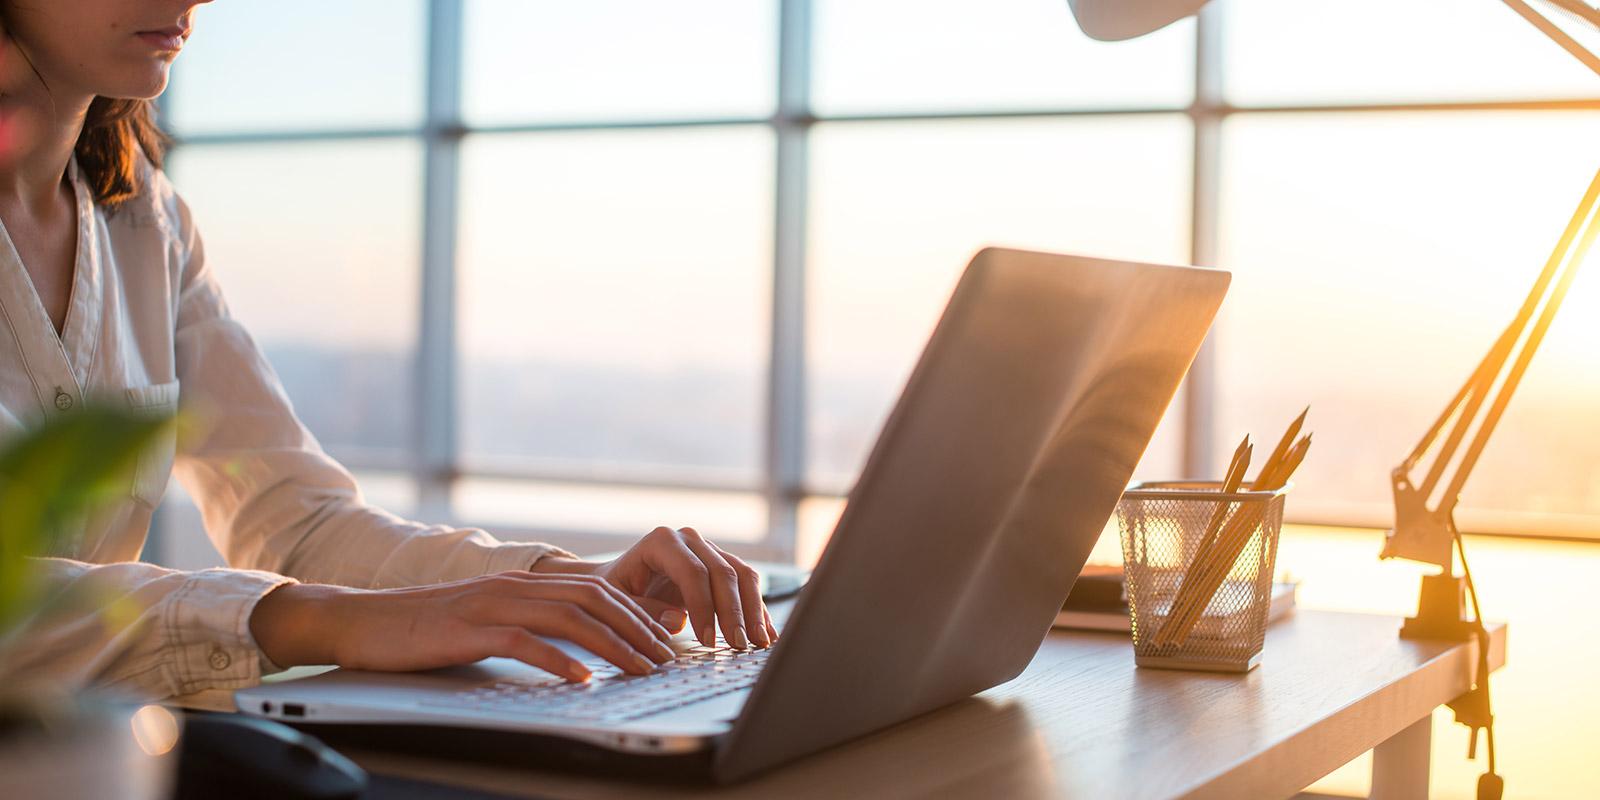 Mit gutem Content sollte Dein CV inhaltlich überzeugen